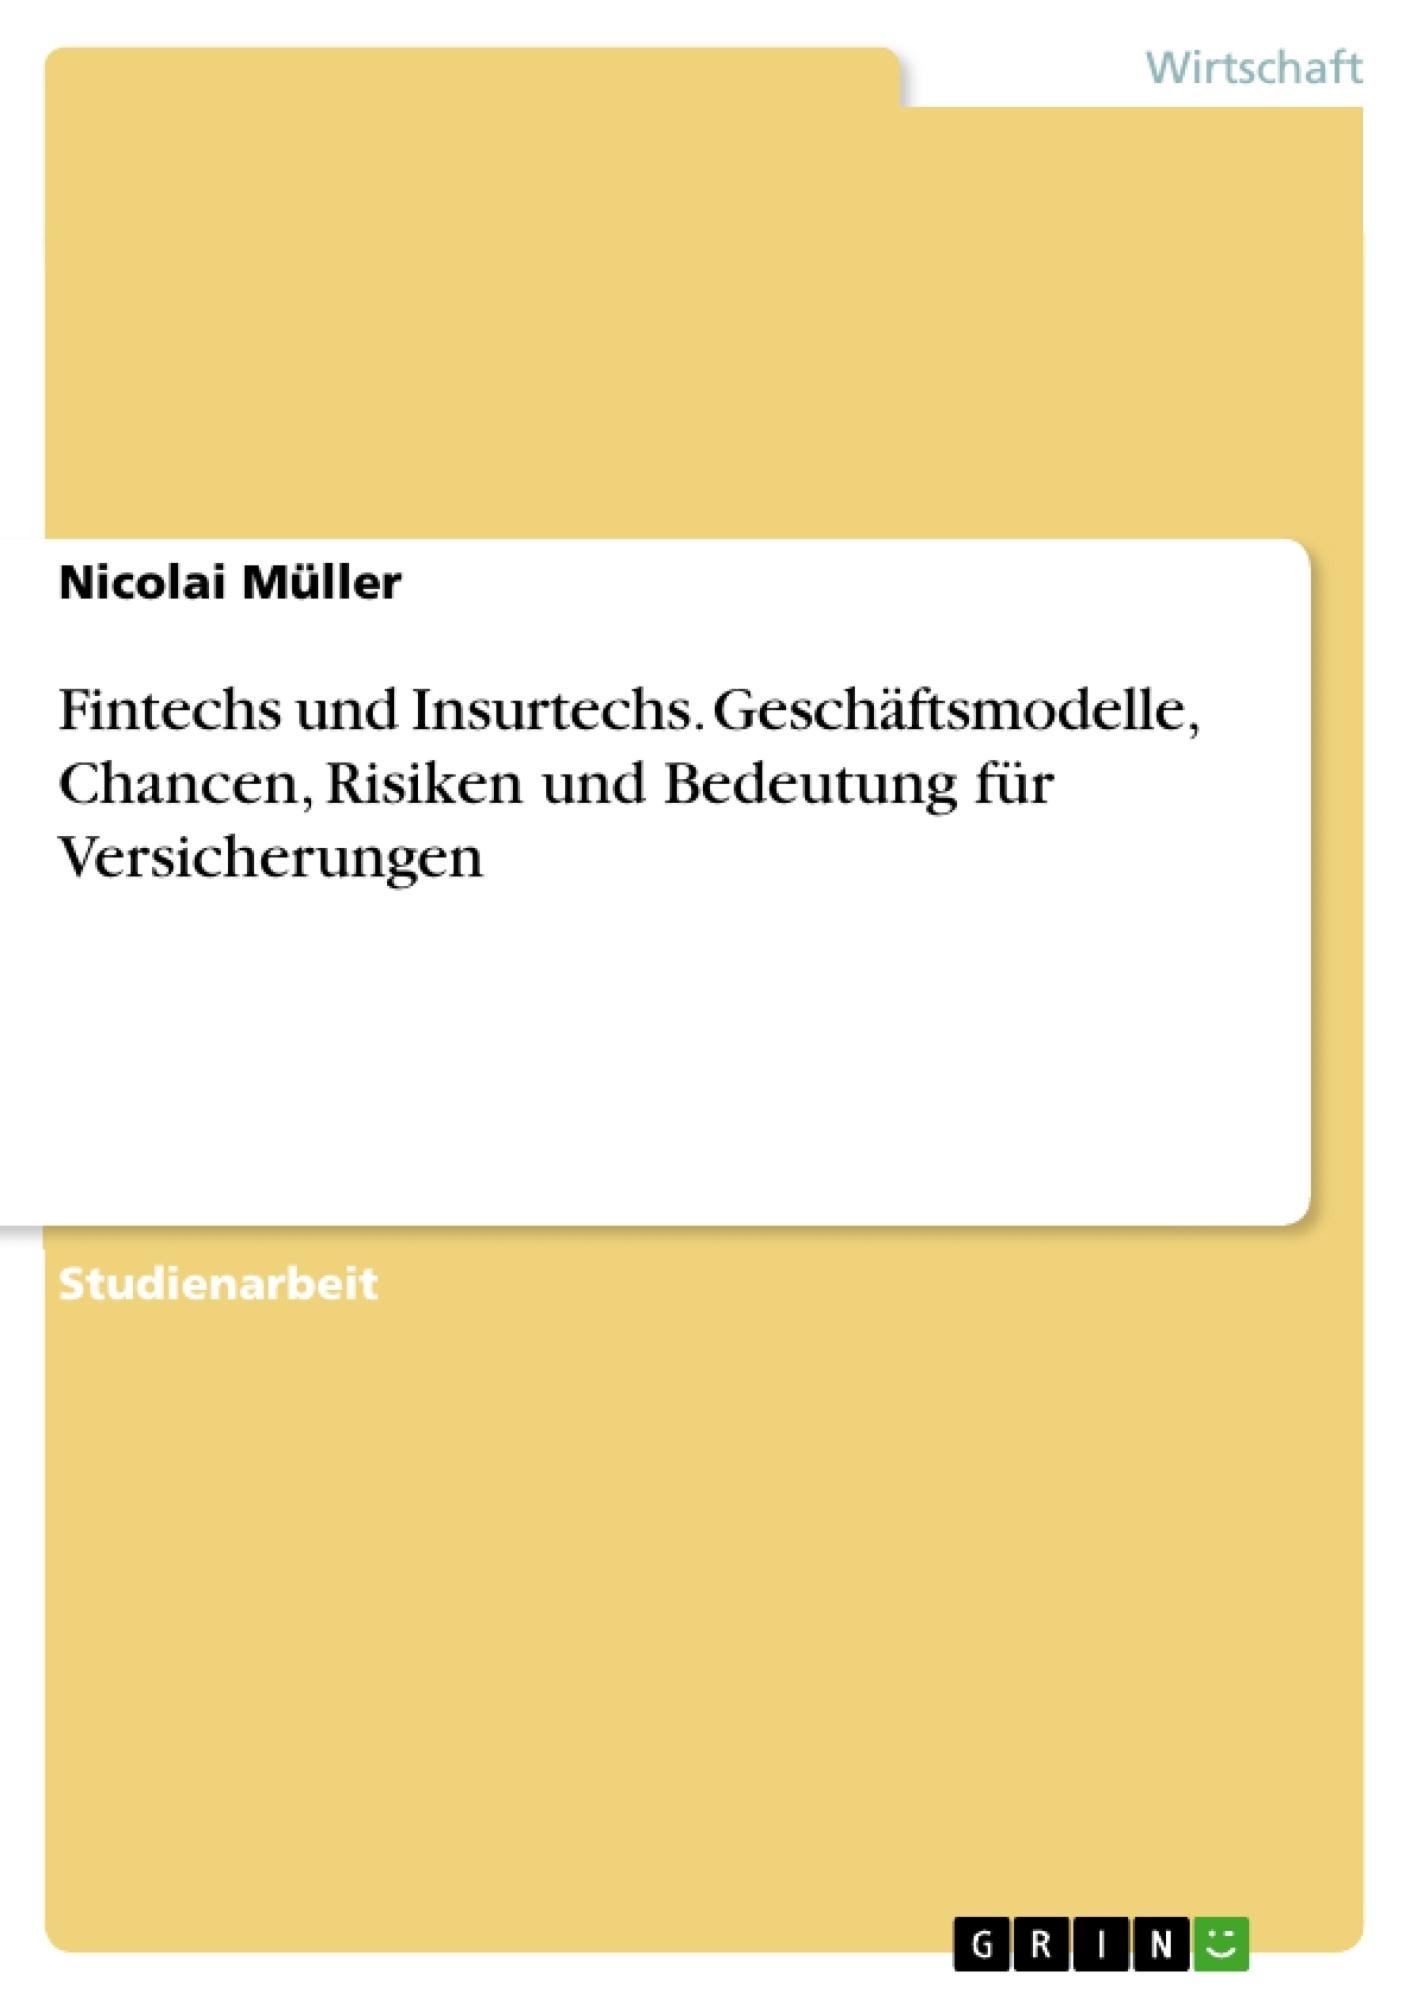 Titel: Fintechs und Insurtechs. Geschäftsmodelle, Chancen, Risiken und Bedeutung für Versicherungen